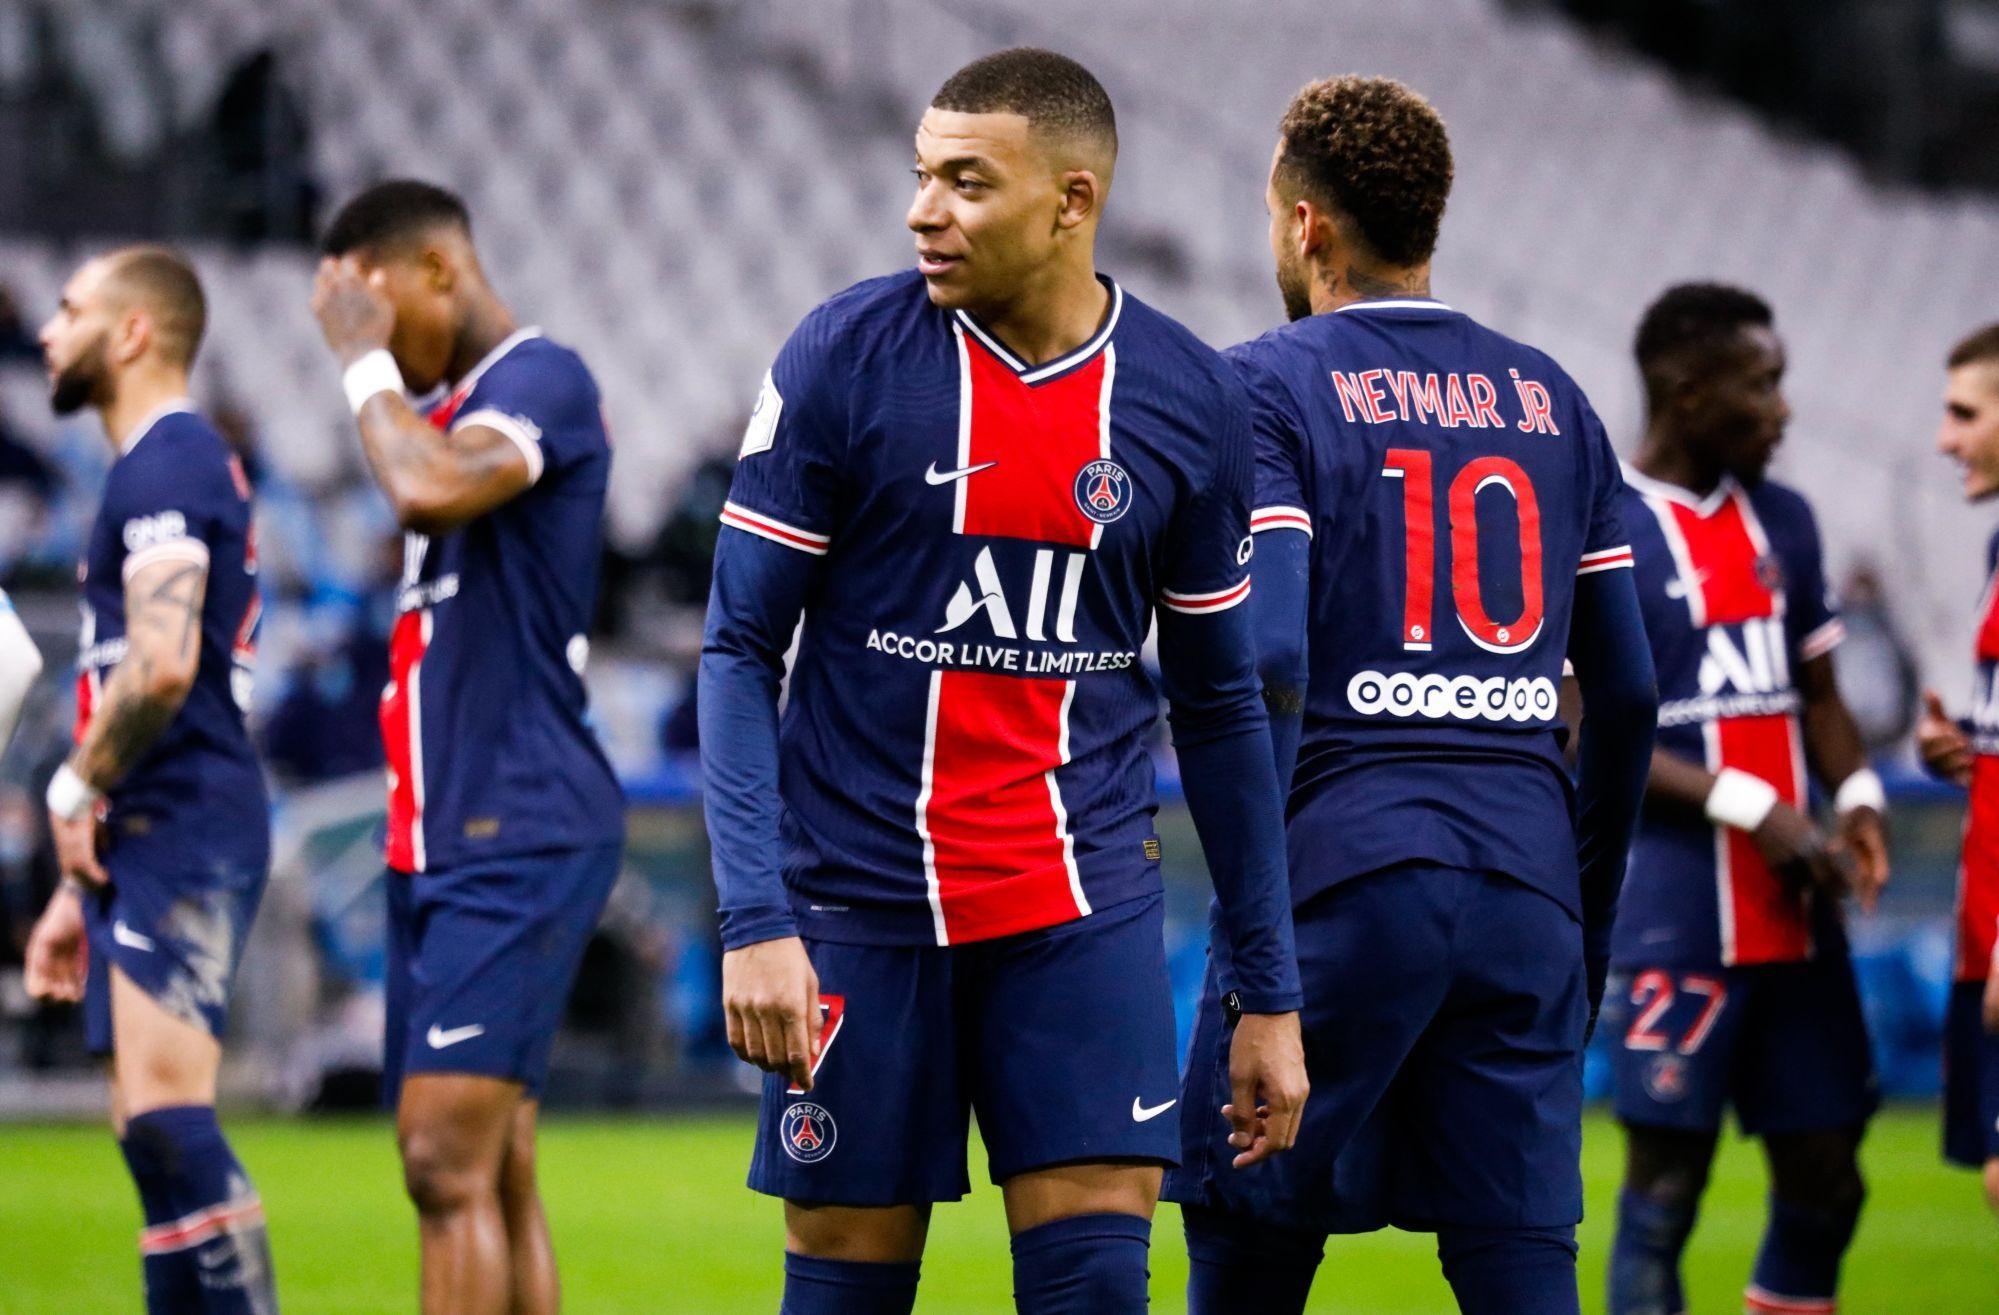 Mbappé «prendra les clés de l'équipe», assure Bodmer